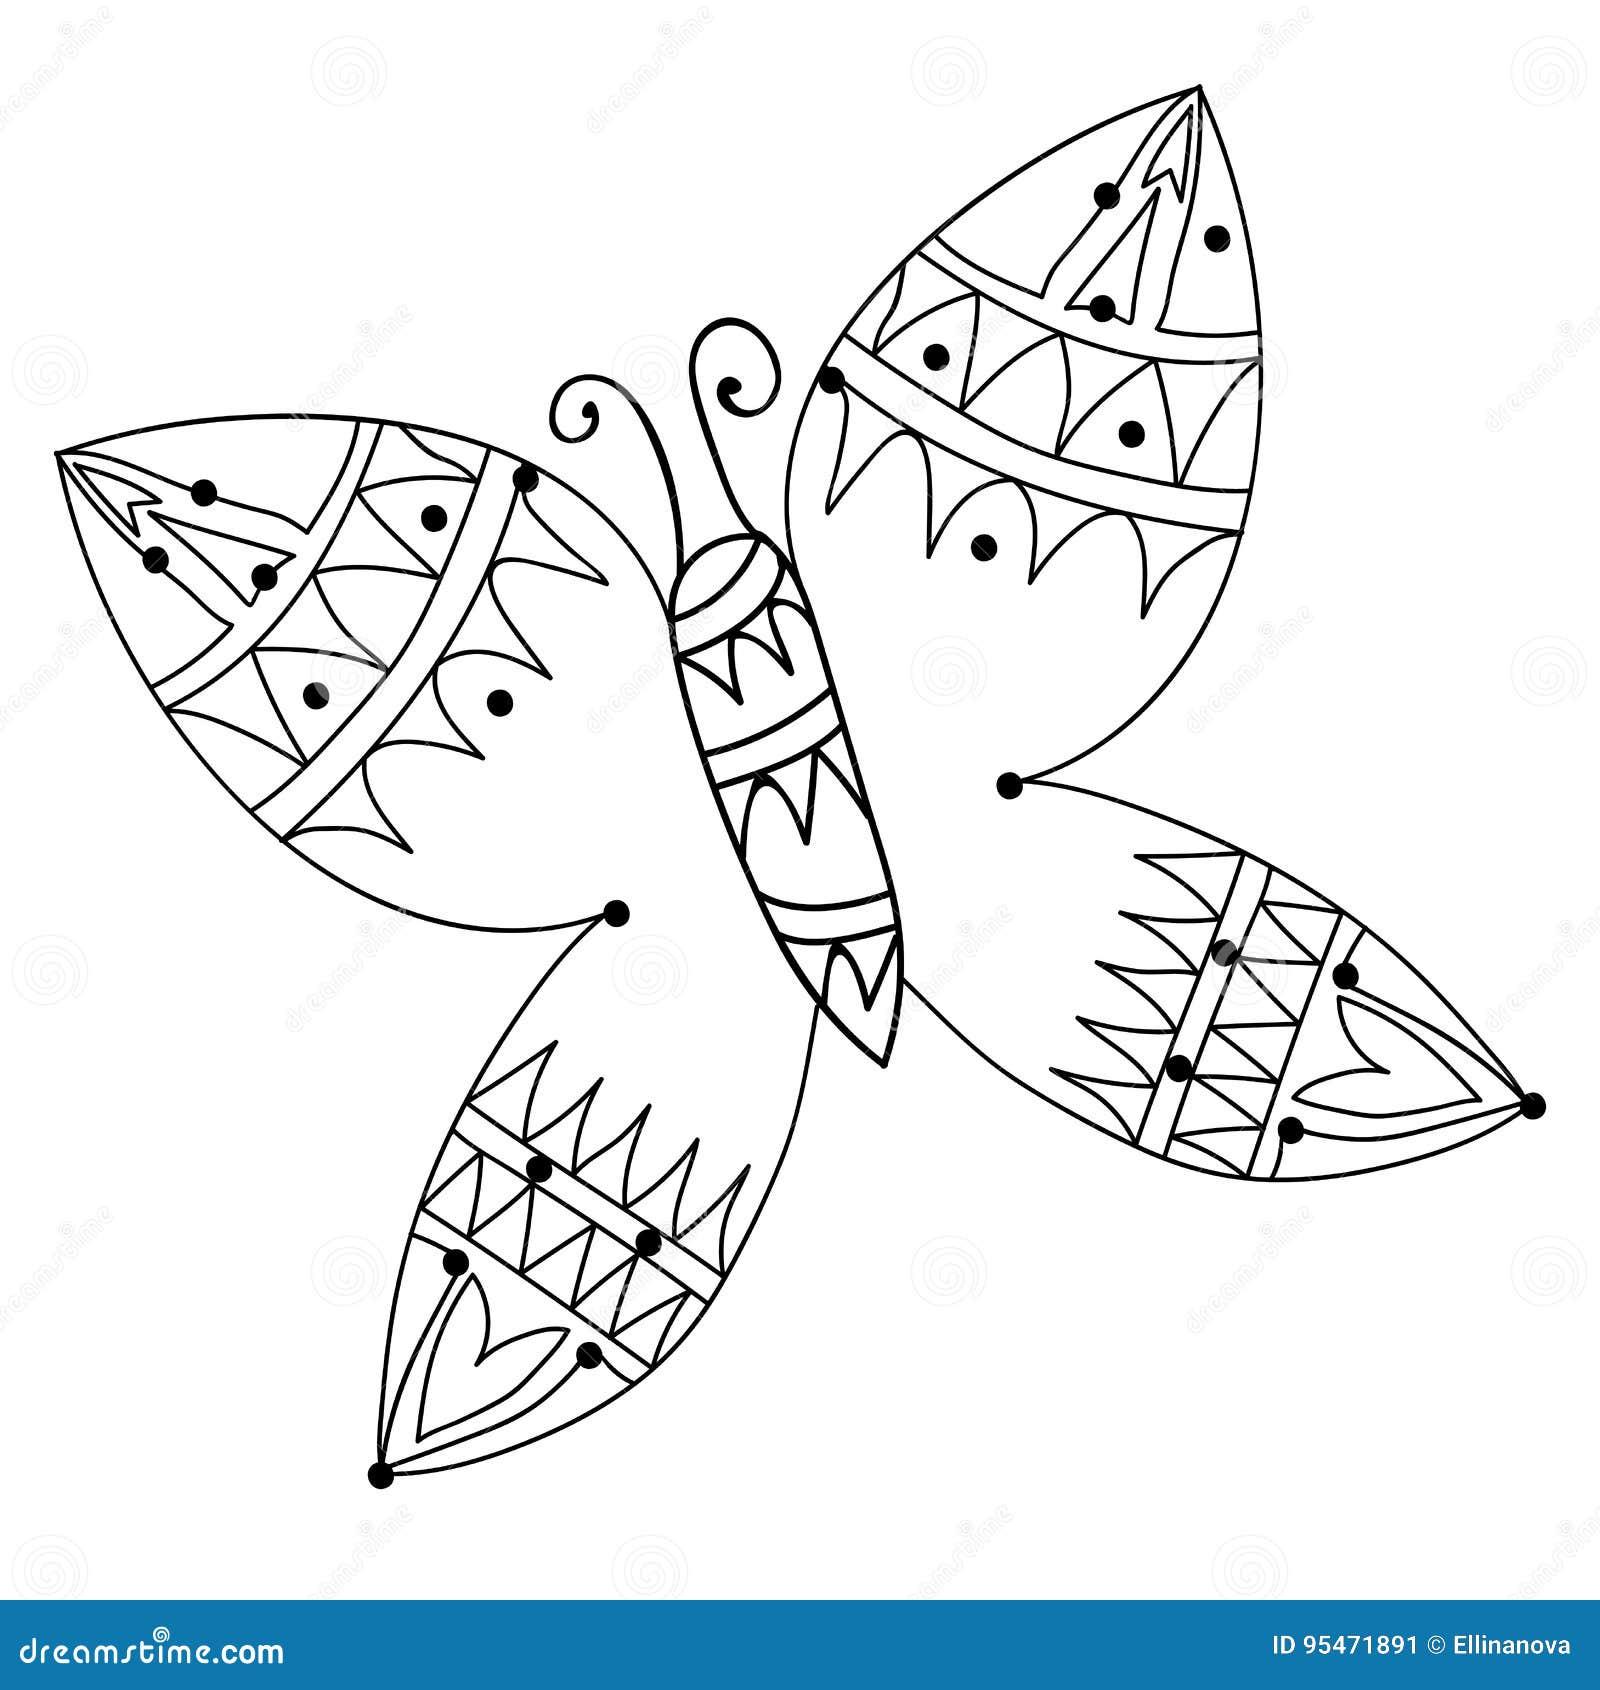 Línea Negra Mariposa Para El Tatuaje, Libro De Colorear Ilustración ...